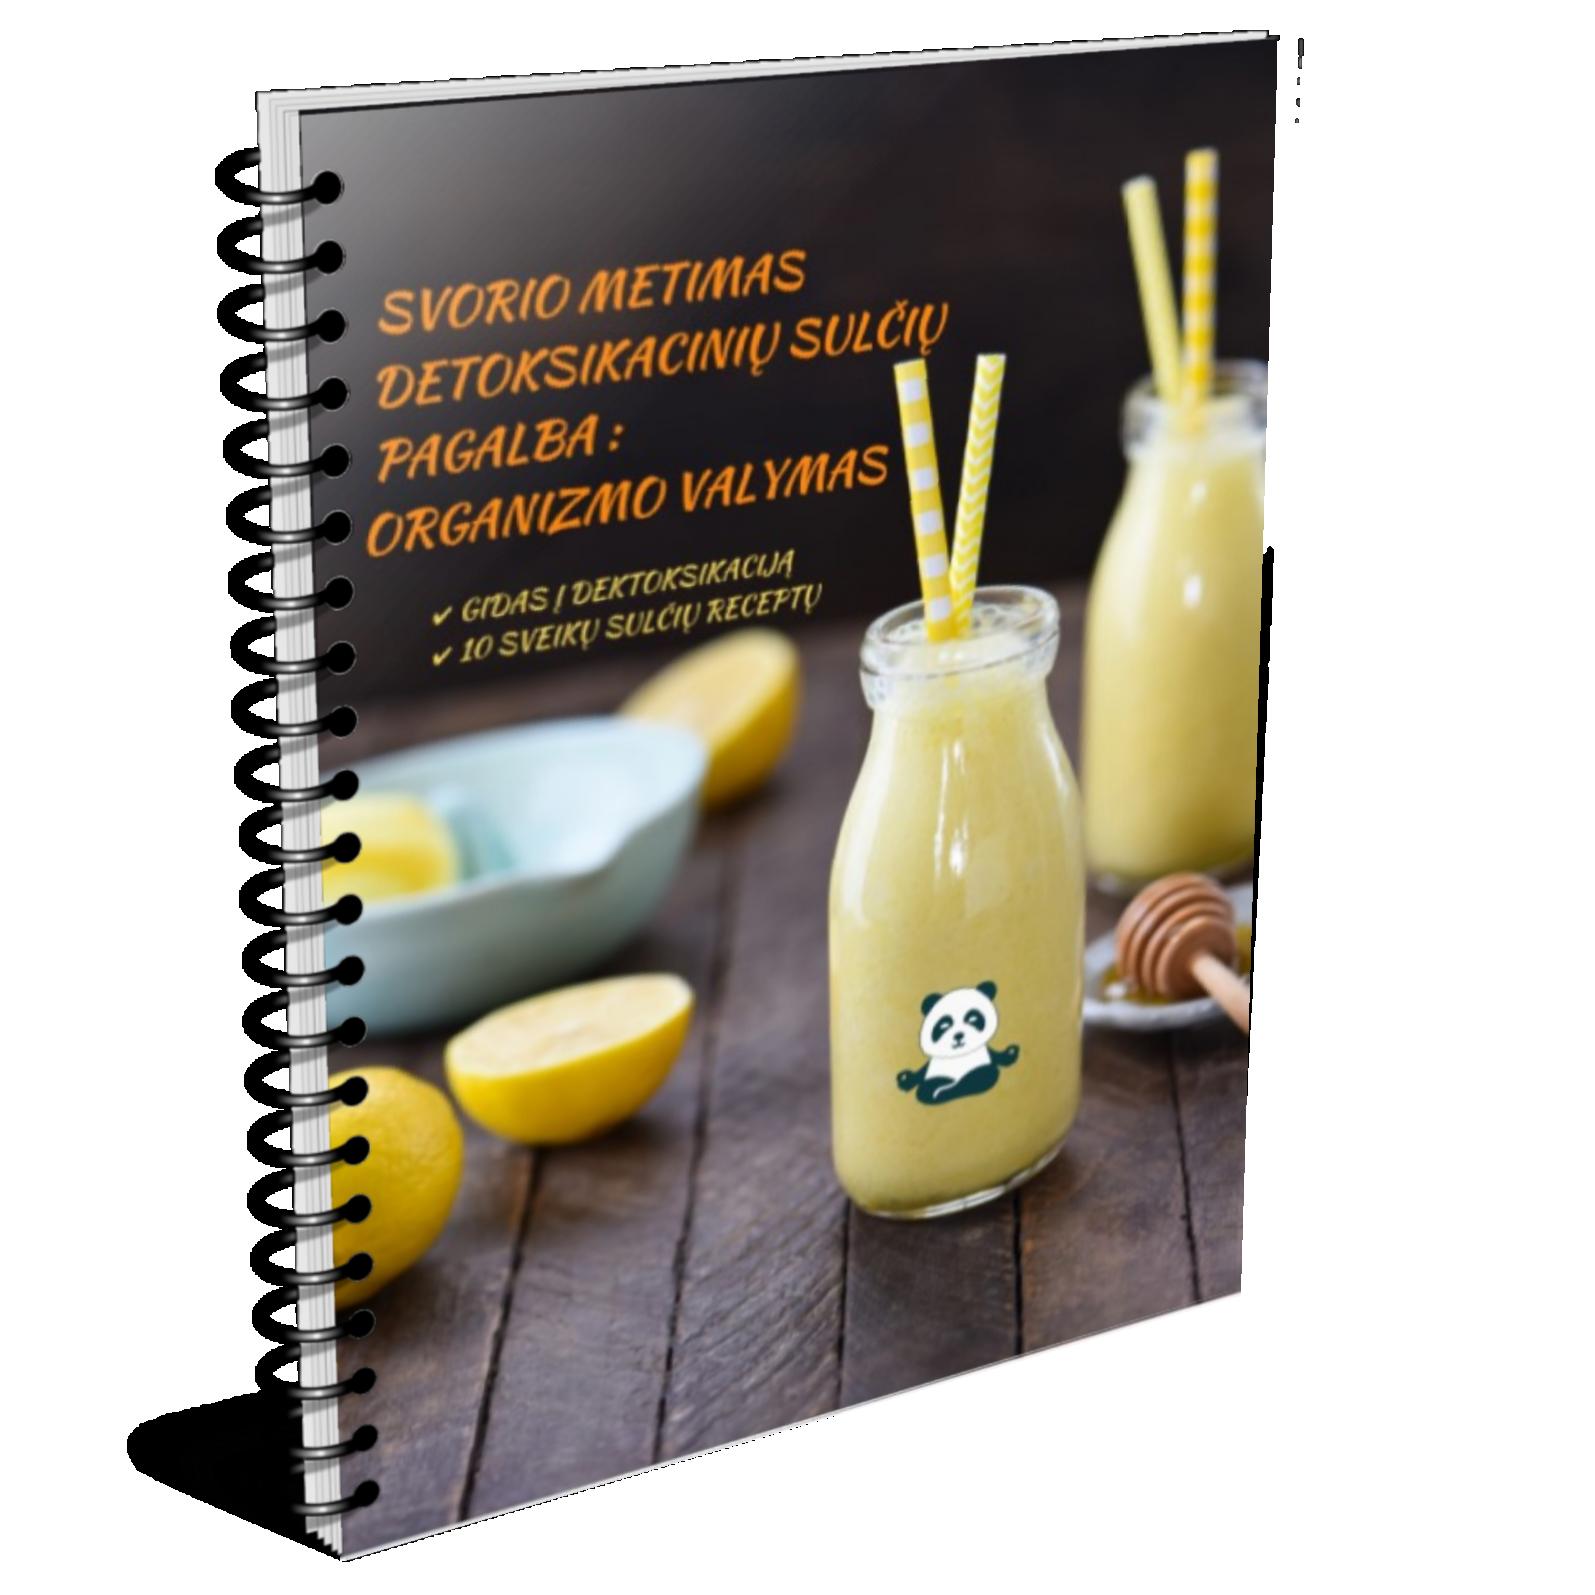 E-book - Sveika Panda - Detoksikacinės sultys - 10 geriausių Detoksikacinių sulčių receptų